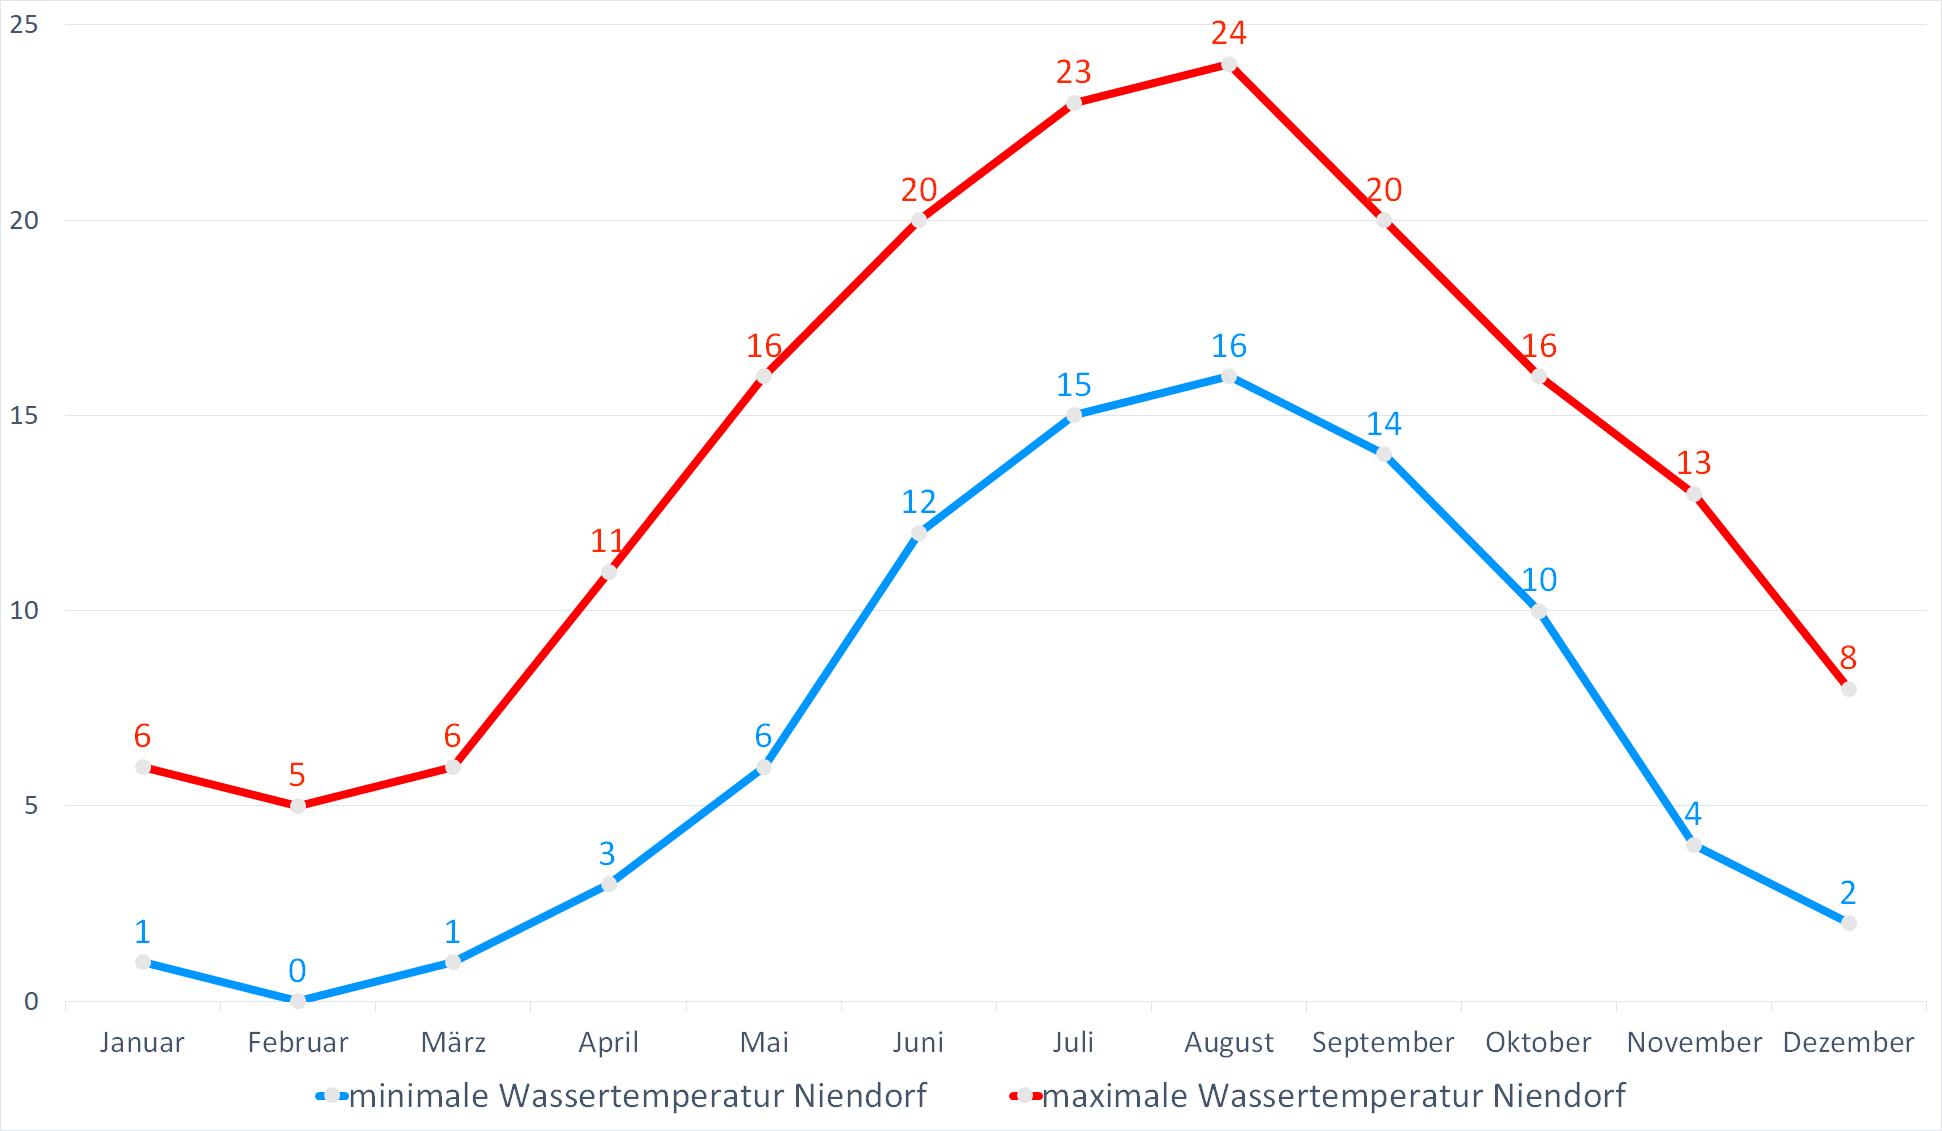 Minimale & Maximale Wassertemperaturen für Niendorf im Jahresverlauf